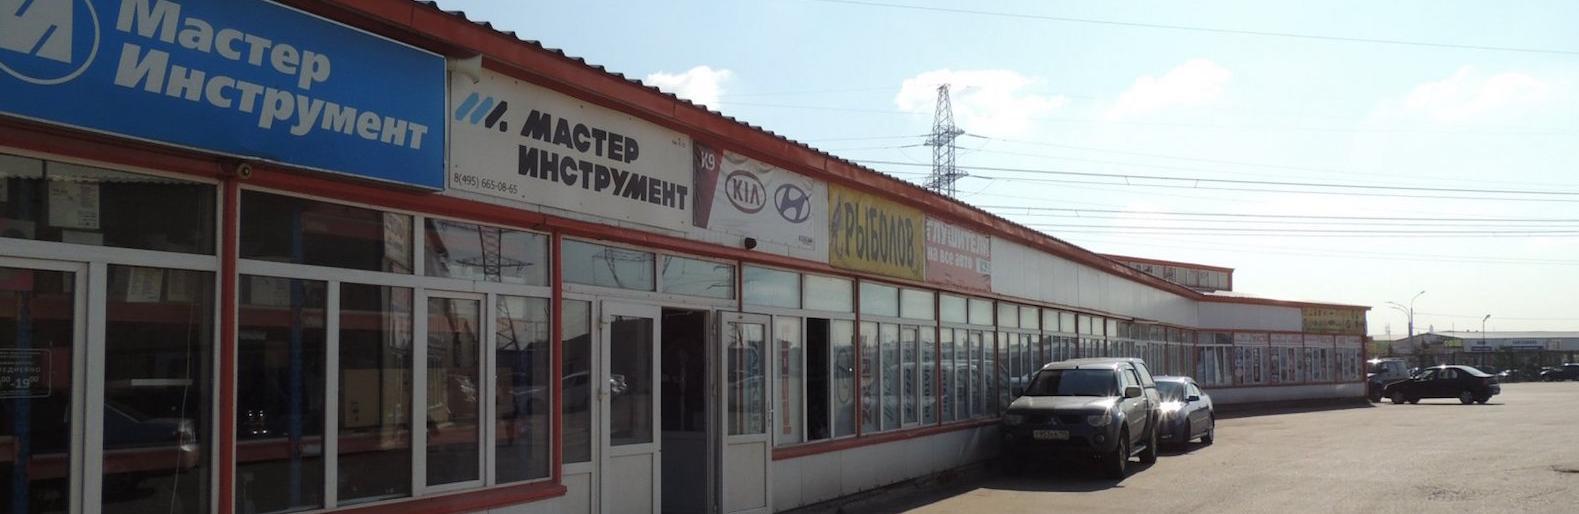 В Алматы сносят авторынок и заменяют его парковкой